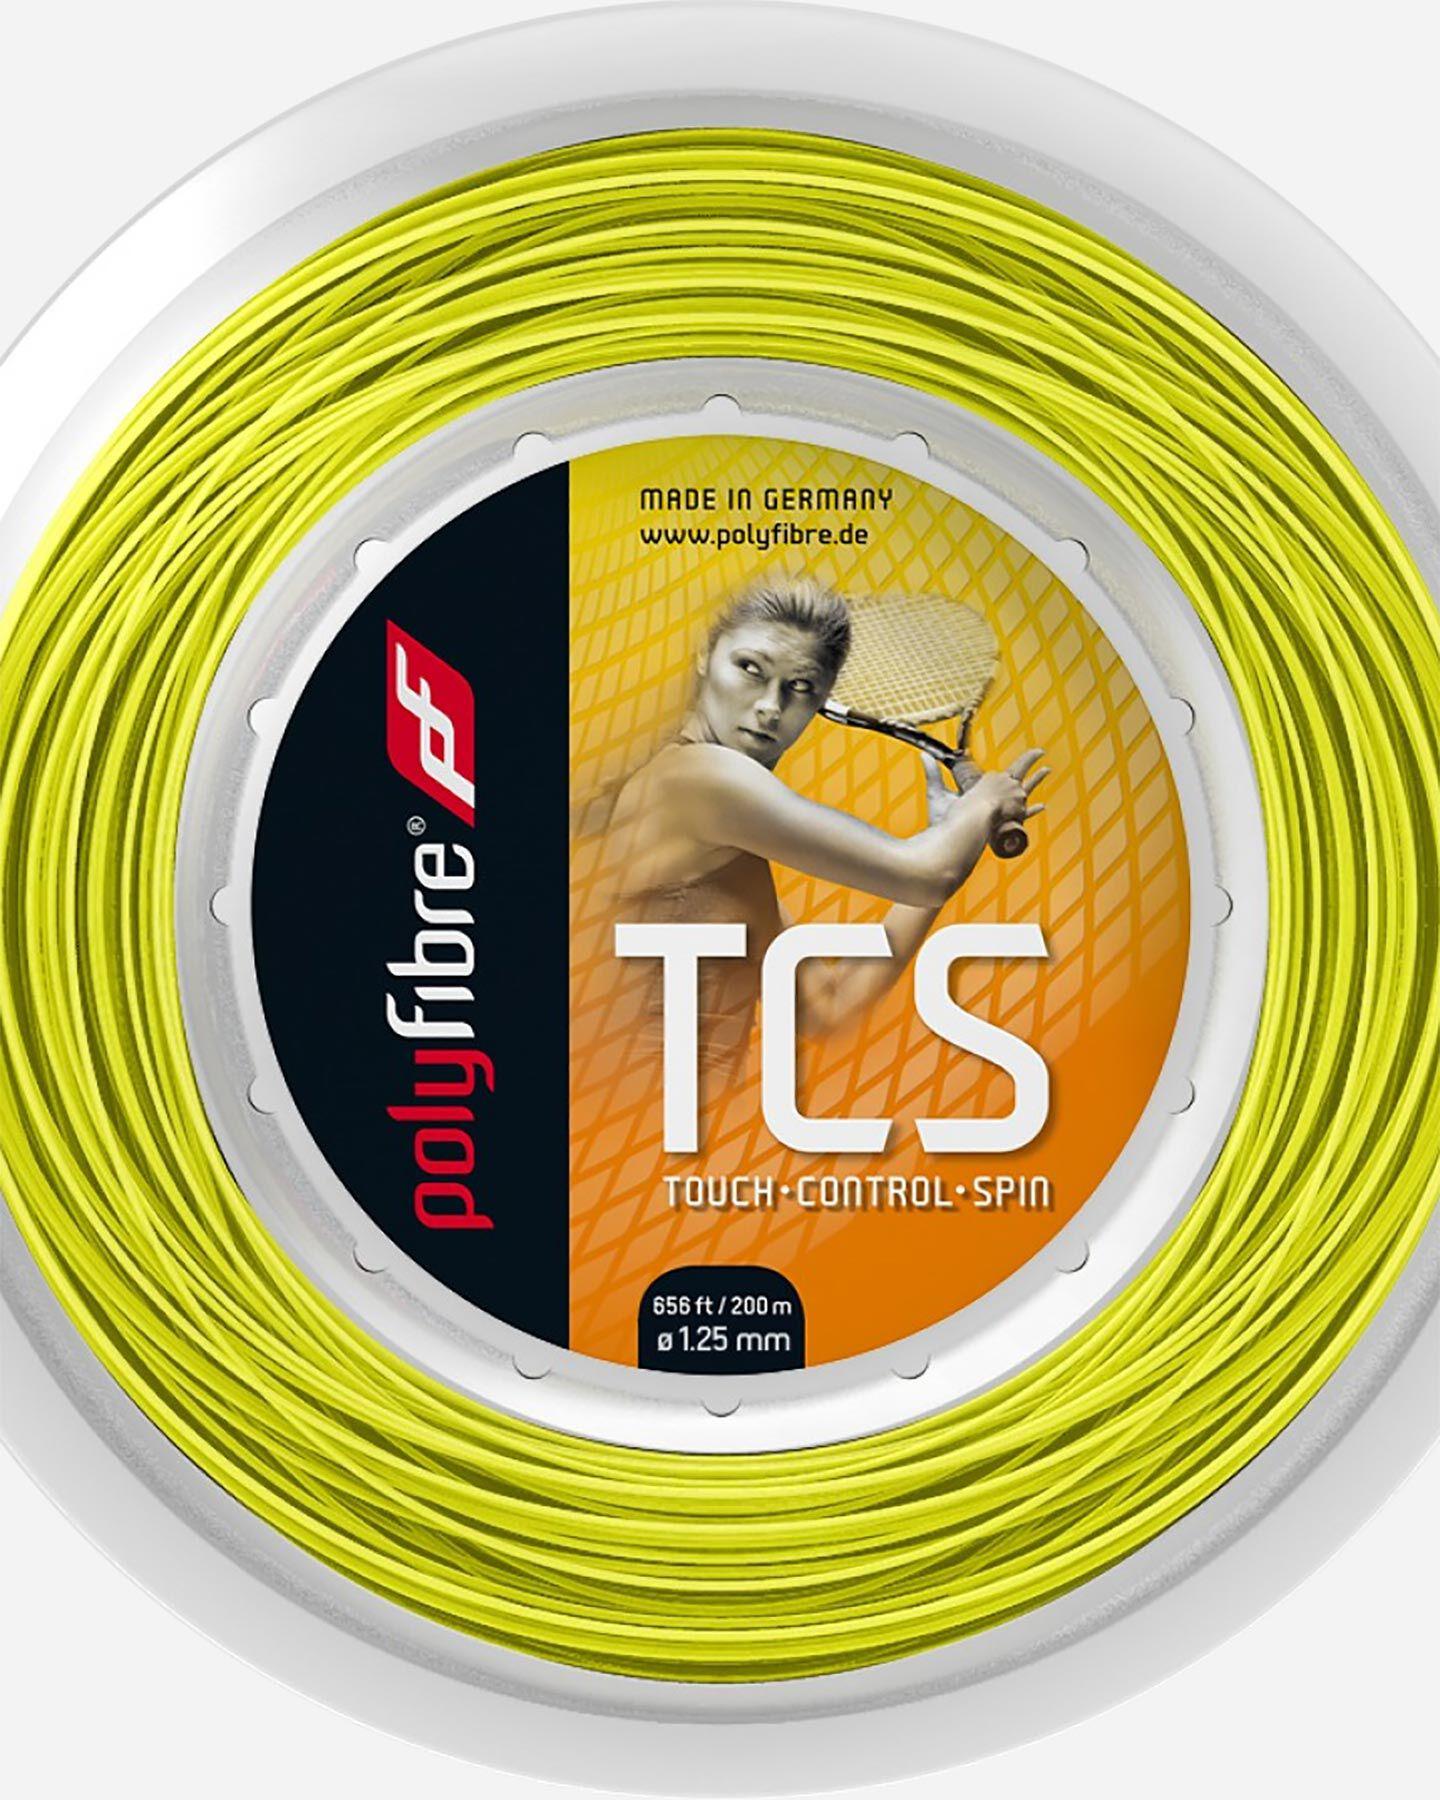 Corde tennis POLYFIBRE TCS 200M S4095909|UNI|UNI scatto 1